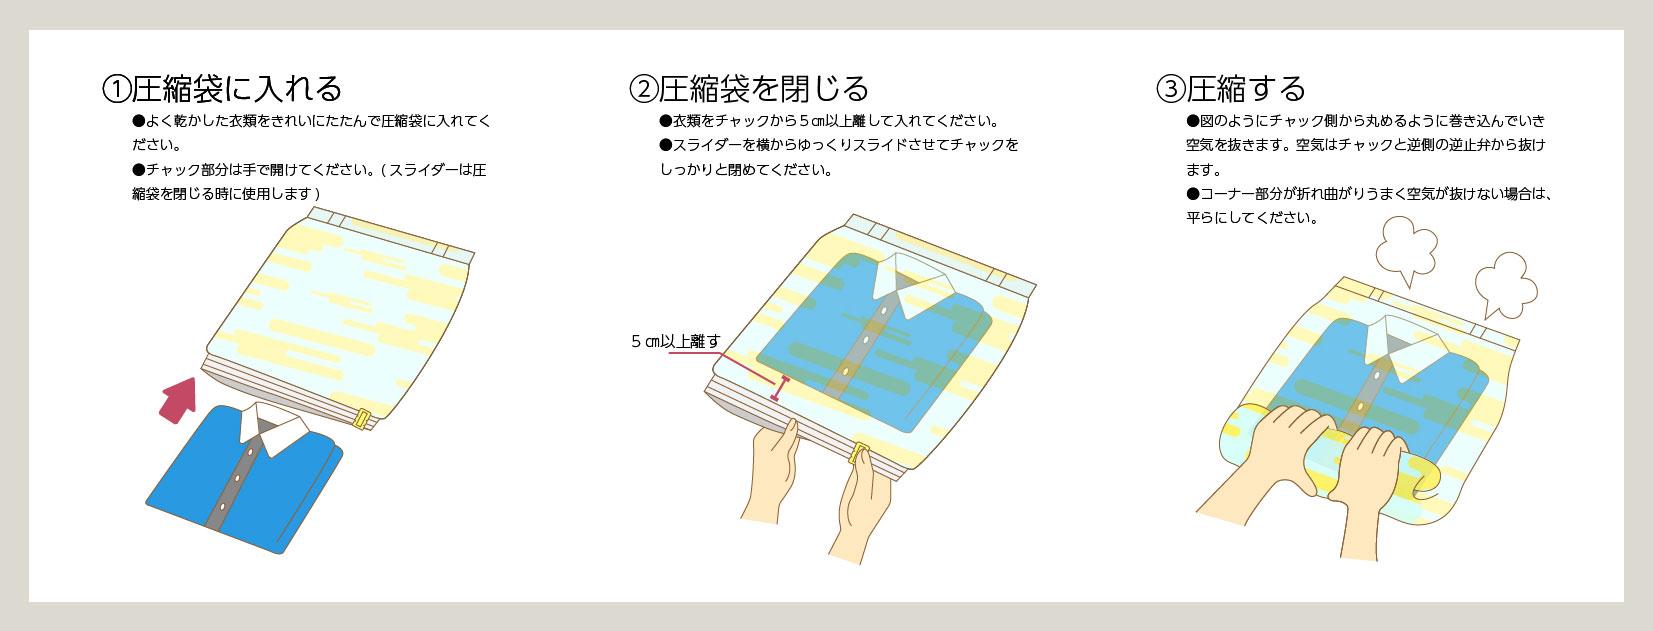 使い方画像